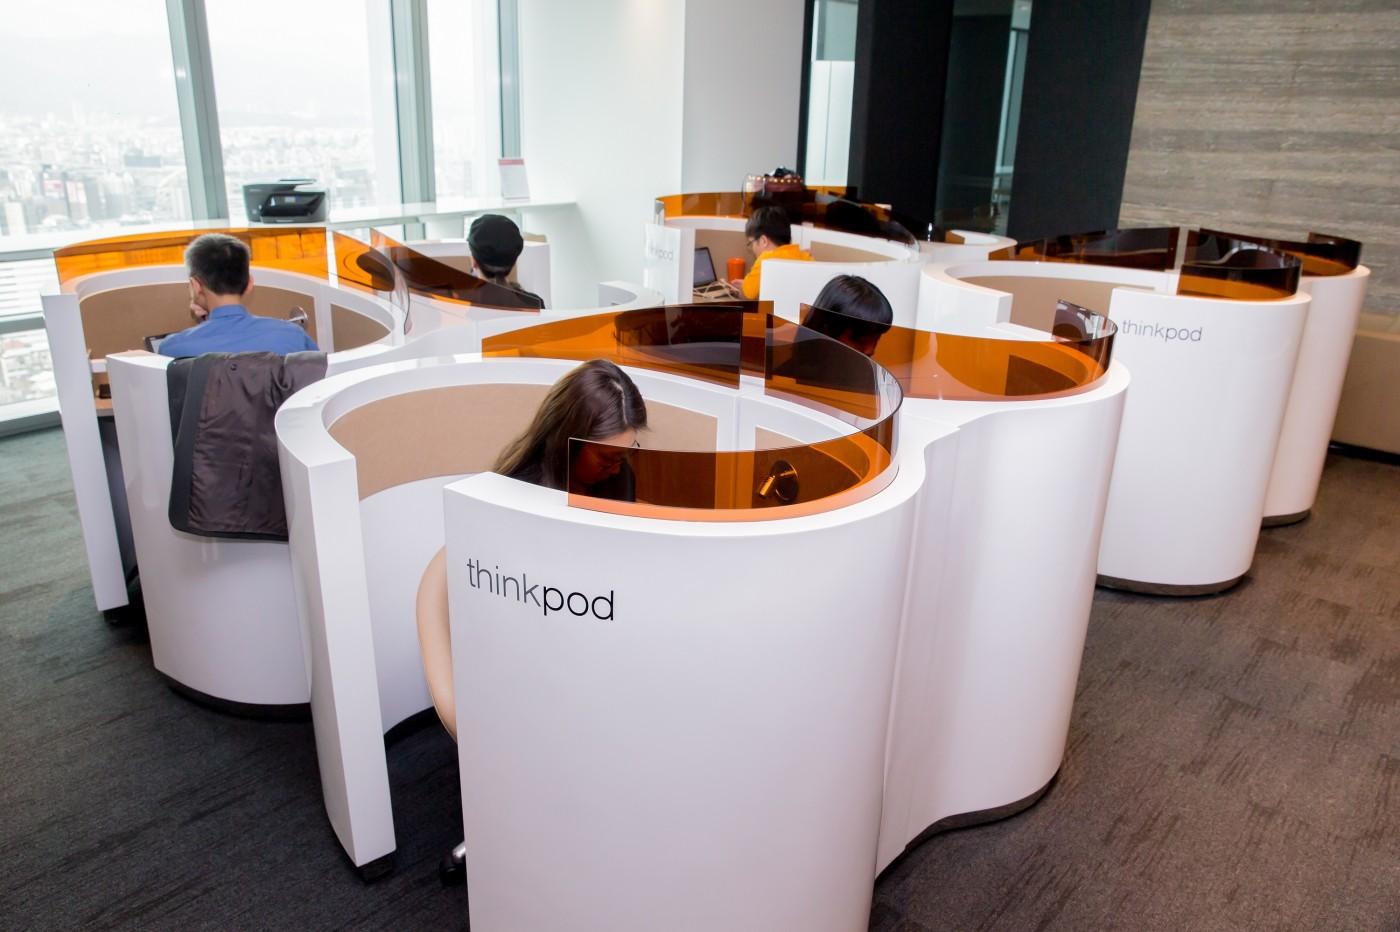 IWG 取得超過 5 千萬平方英尺的辦公室空間, 作為「工作空間革命」的開始